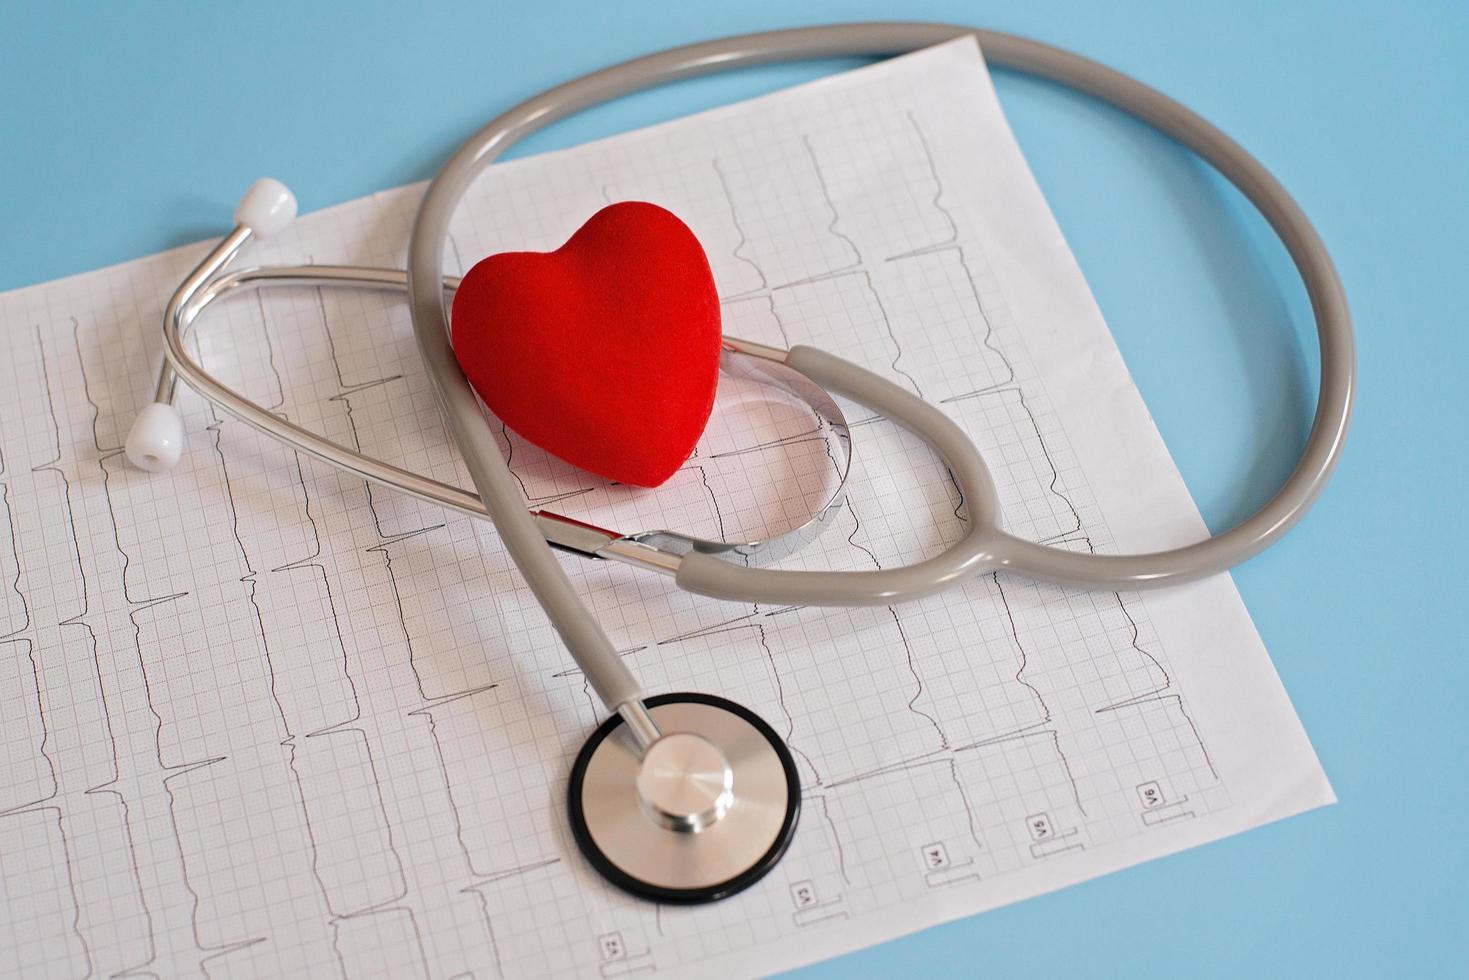 estetoscopio médico y corazón rojo acostado en un cardiograma. cardioterapeuta, monitor de frecuencia cardíaca, física cardíaca, foto